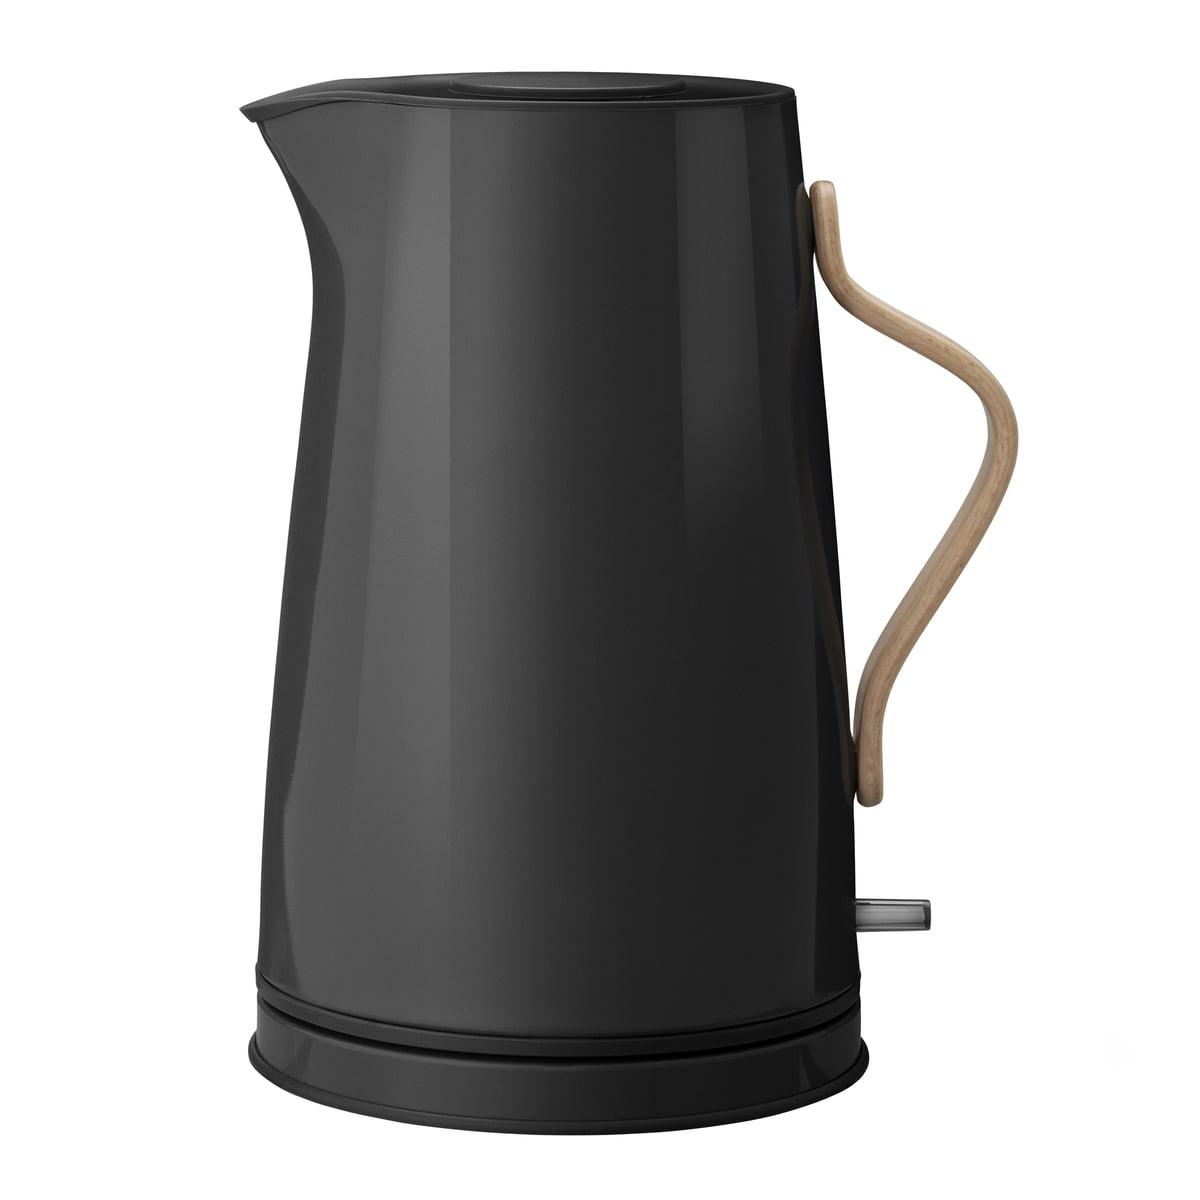 Stelton - Emma Wasserkocher 1,2 l, schwarz   Küche und Esszimmer > Küchengeräte > Wasserkocher   Schwarz   Stelton